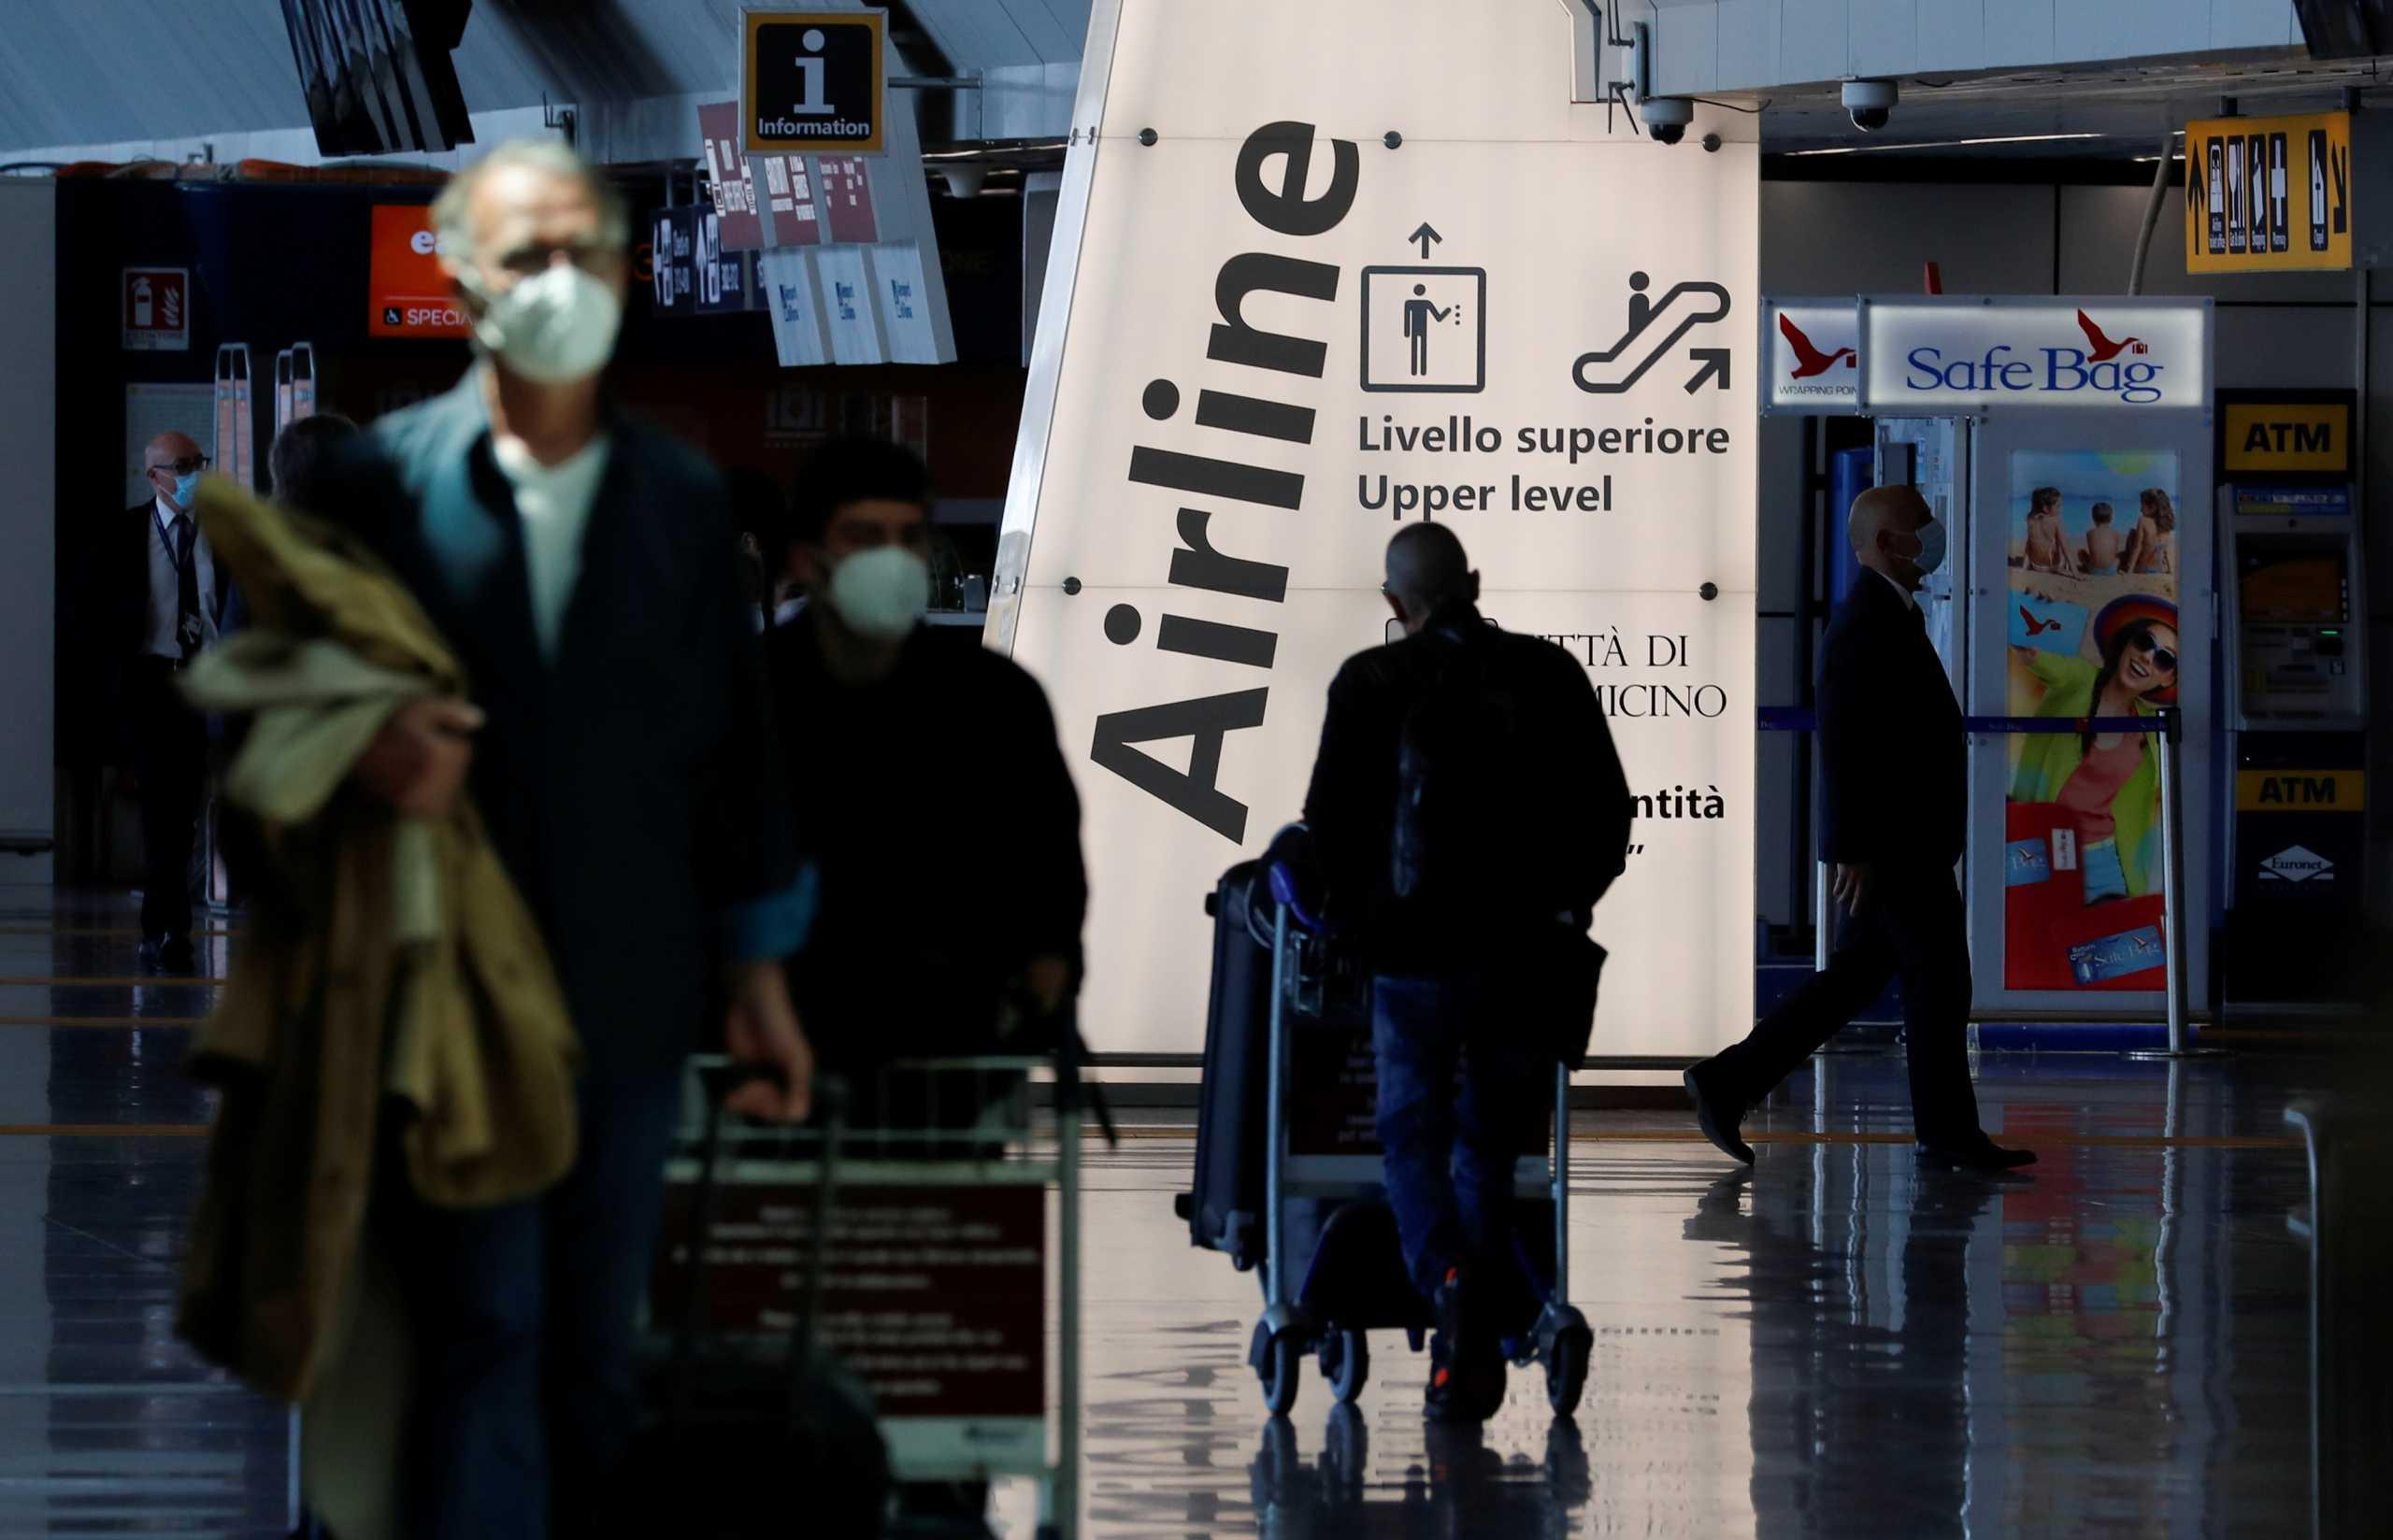 Οι Βρετανοί επιστρέφουν για διακοπές – Ελπίδες για αλλαγή στάσης από τη Βρετανία